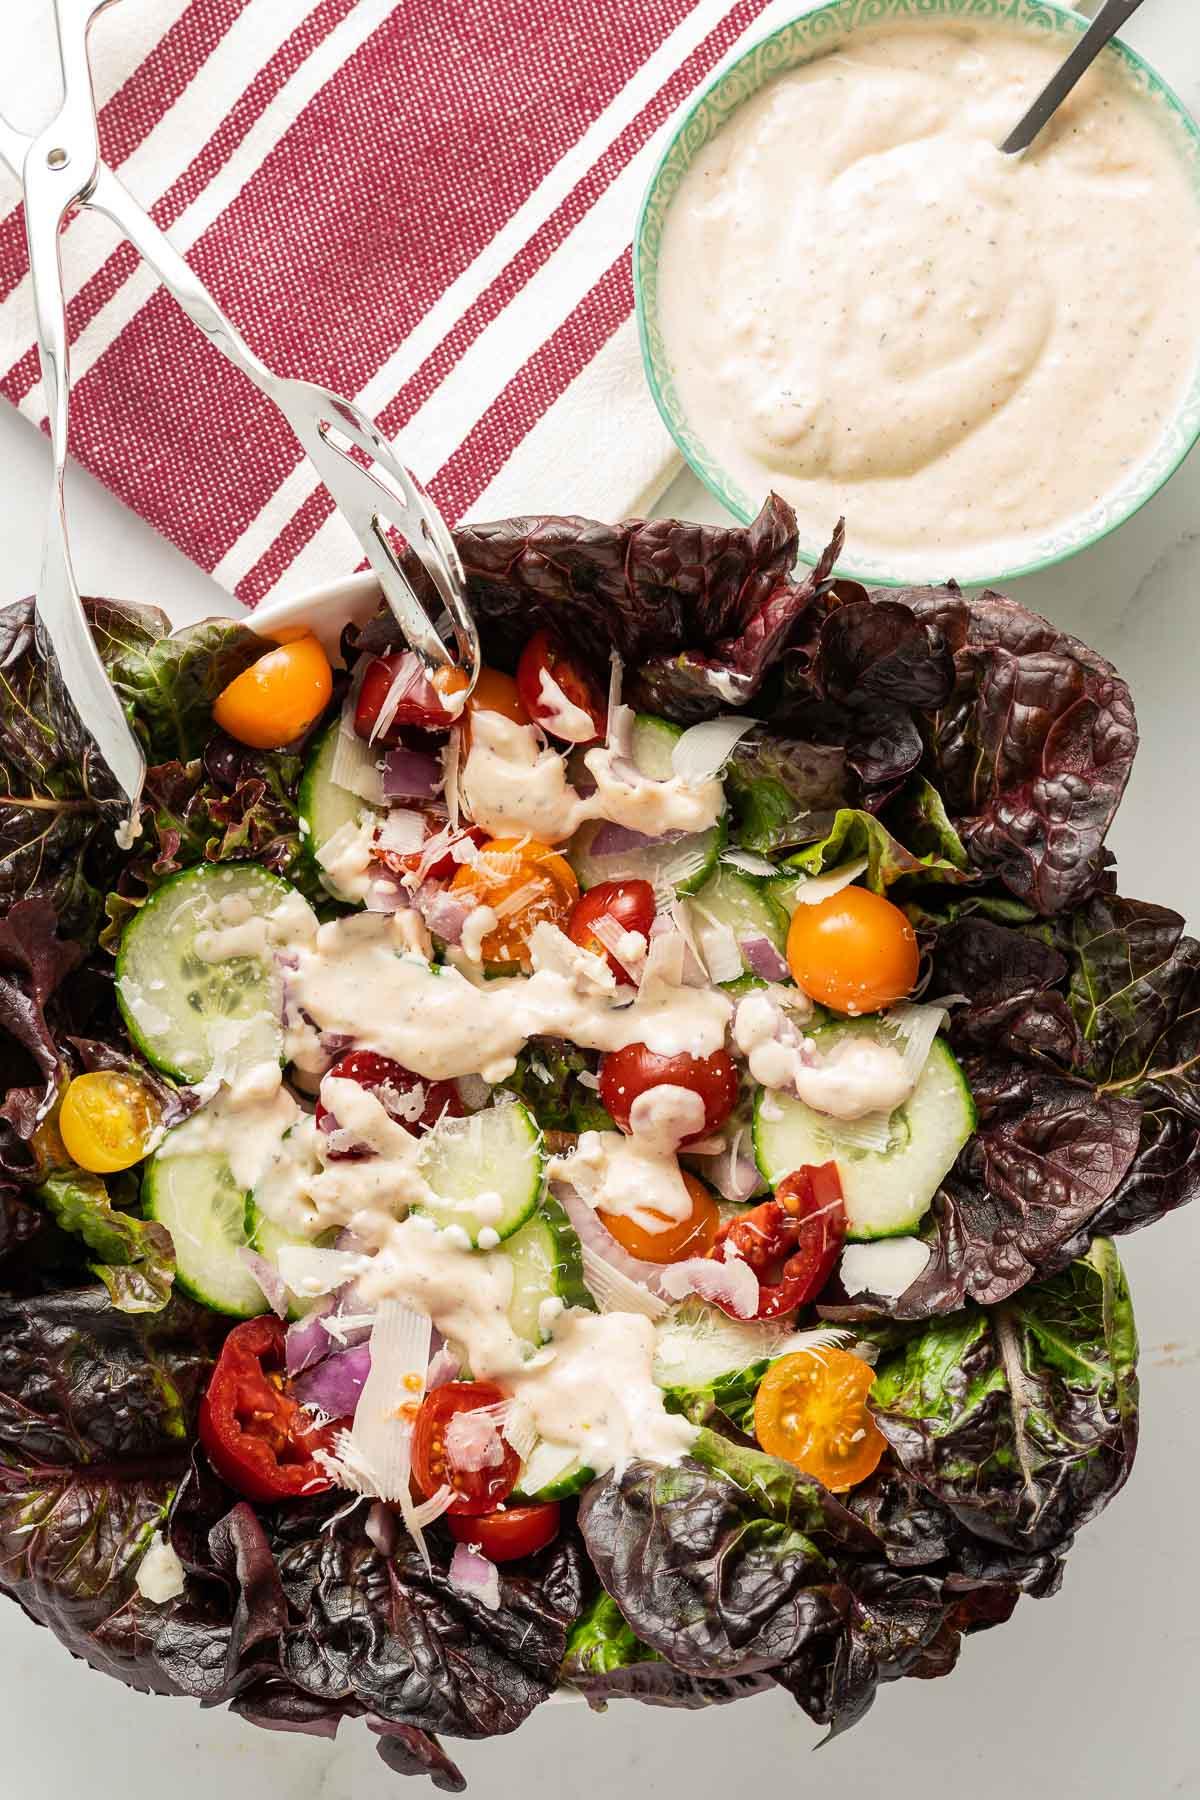 garlic dressin on red lettuce salad